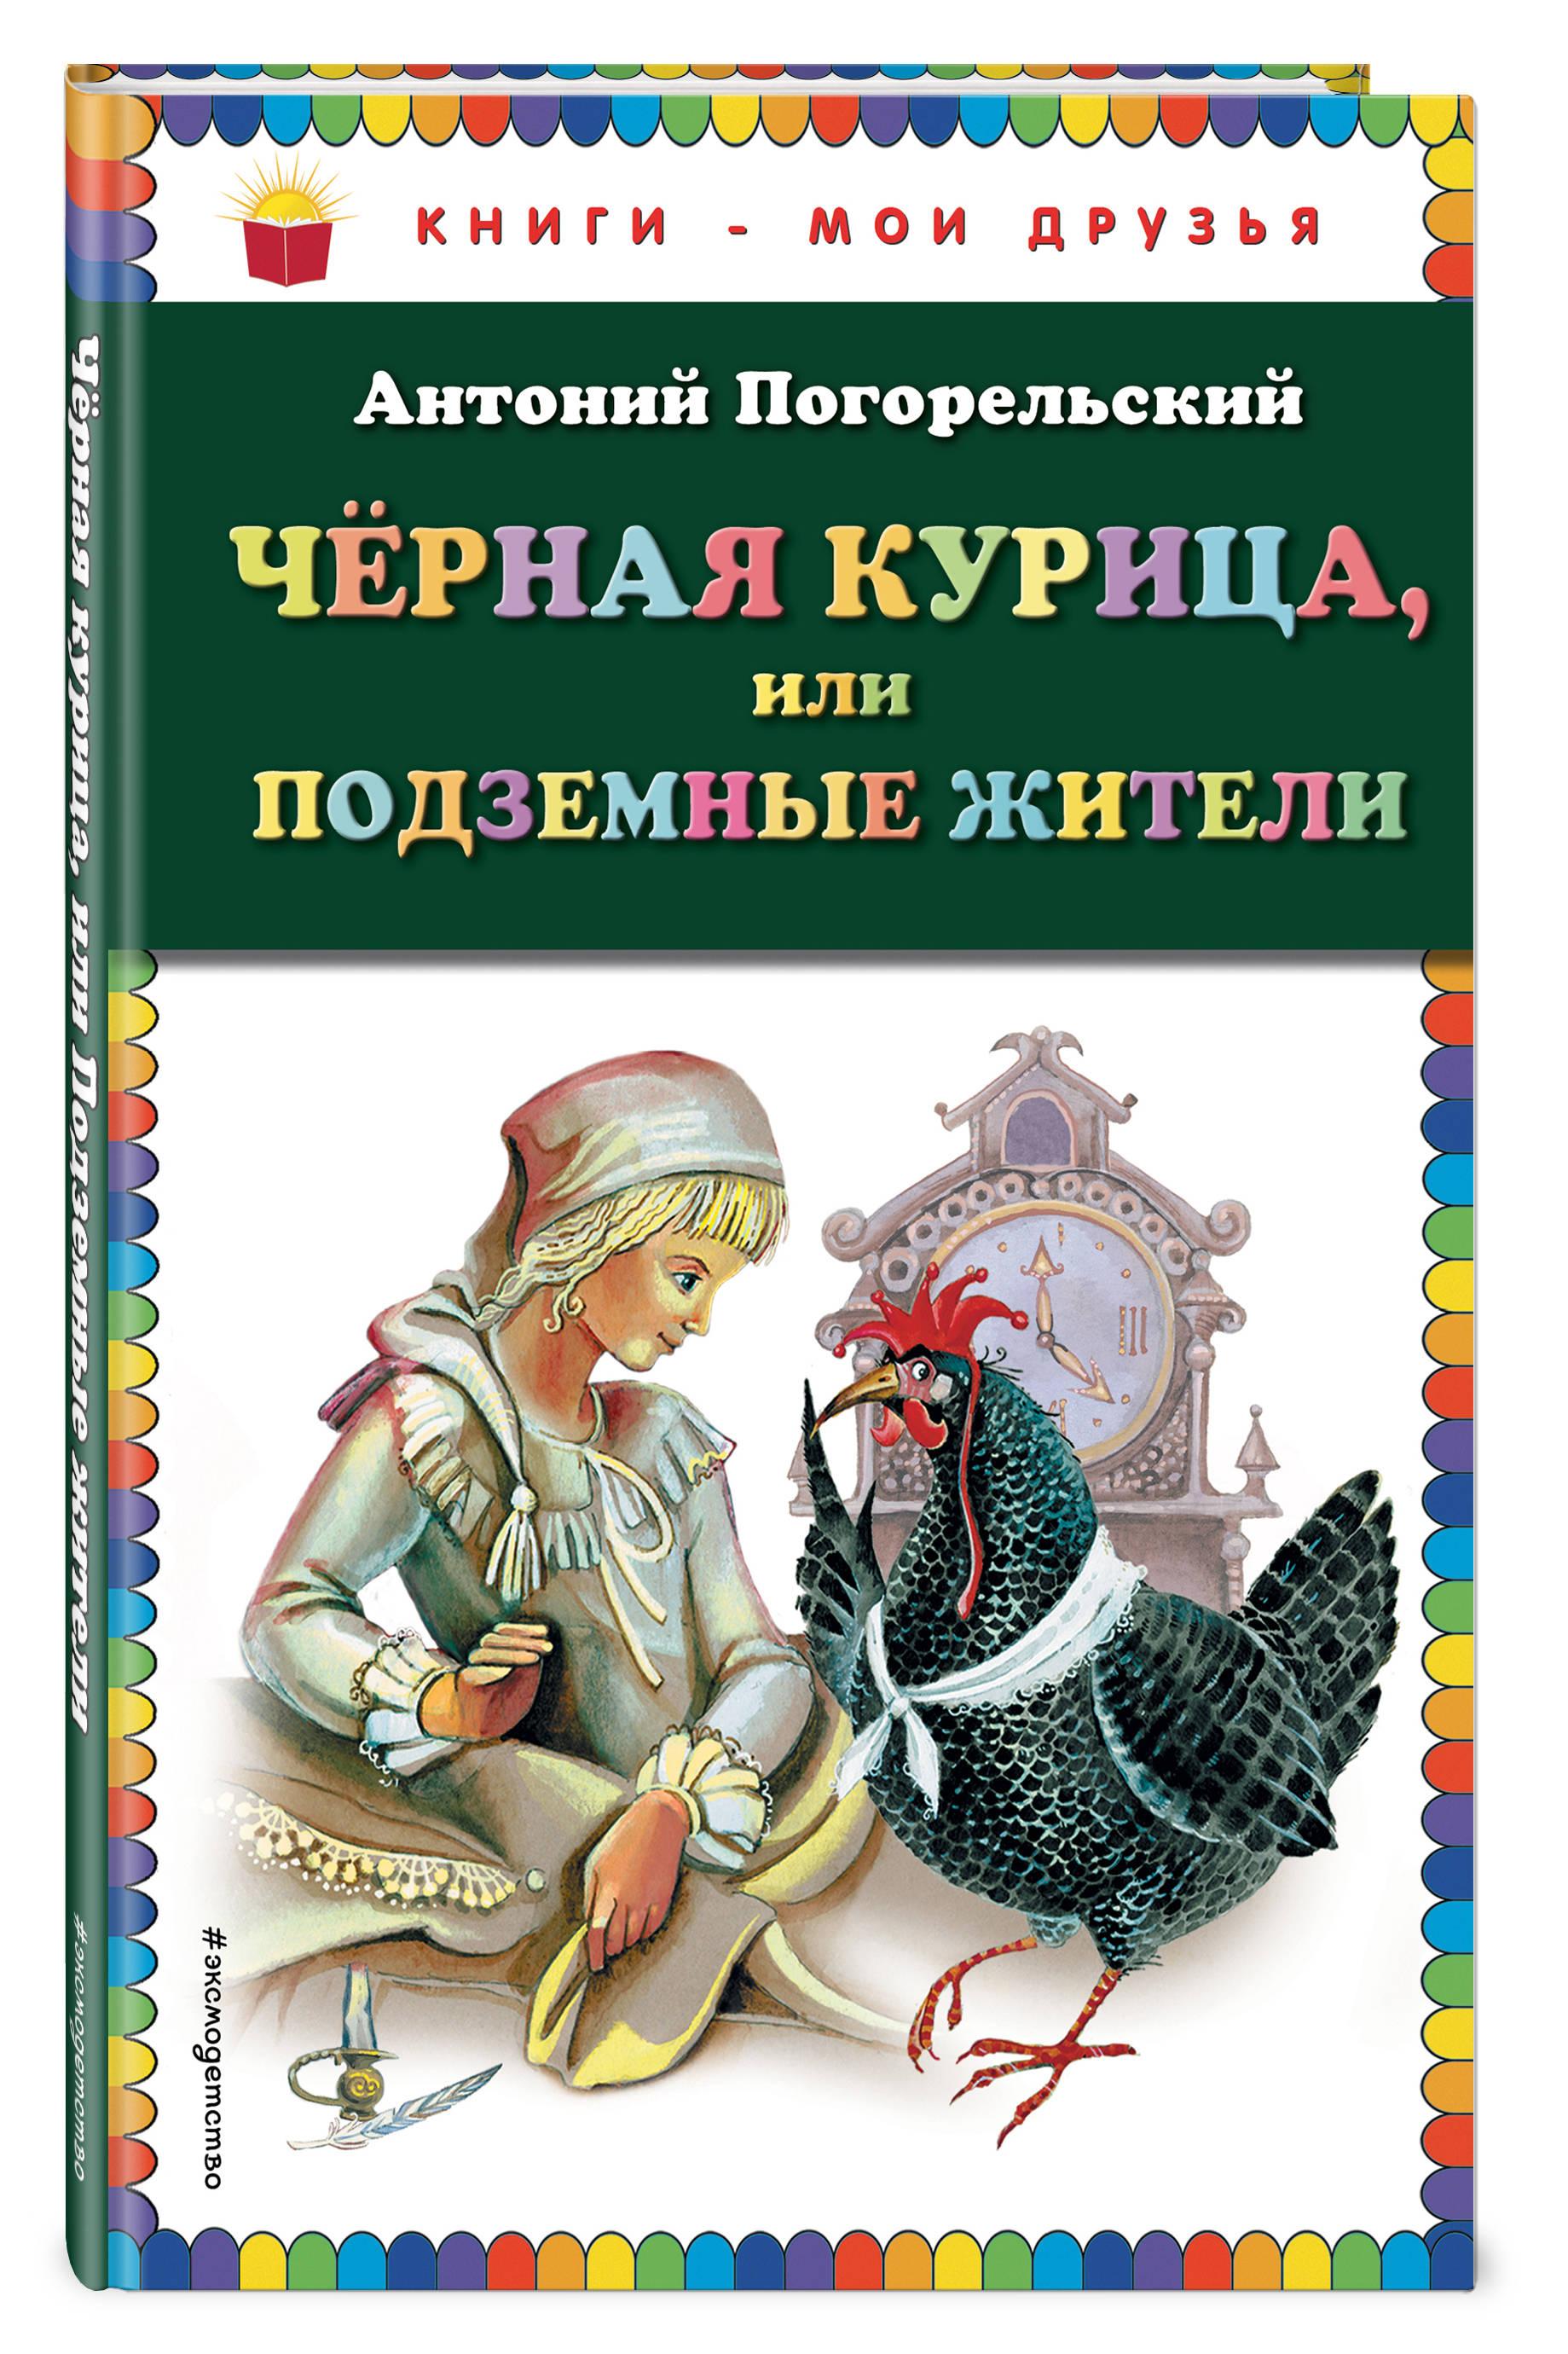 Антоний Погорельский Чёрная курица, или Подземные жители (ил. М. Митрофанова)